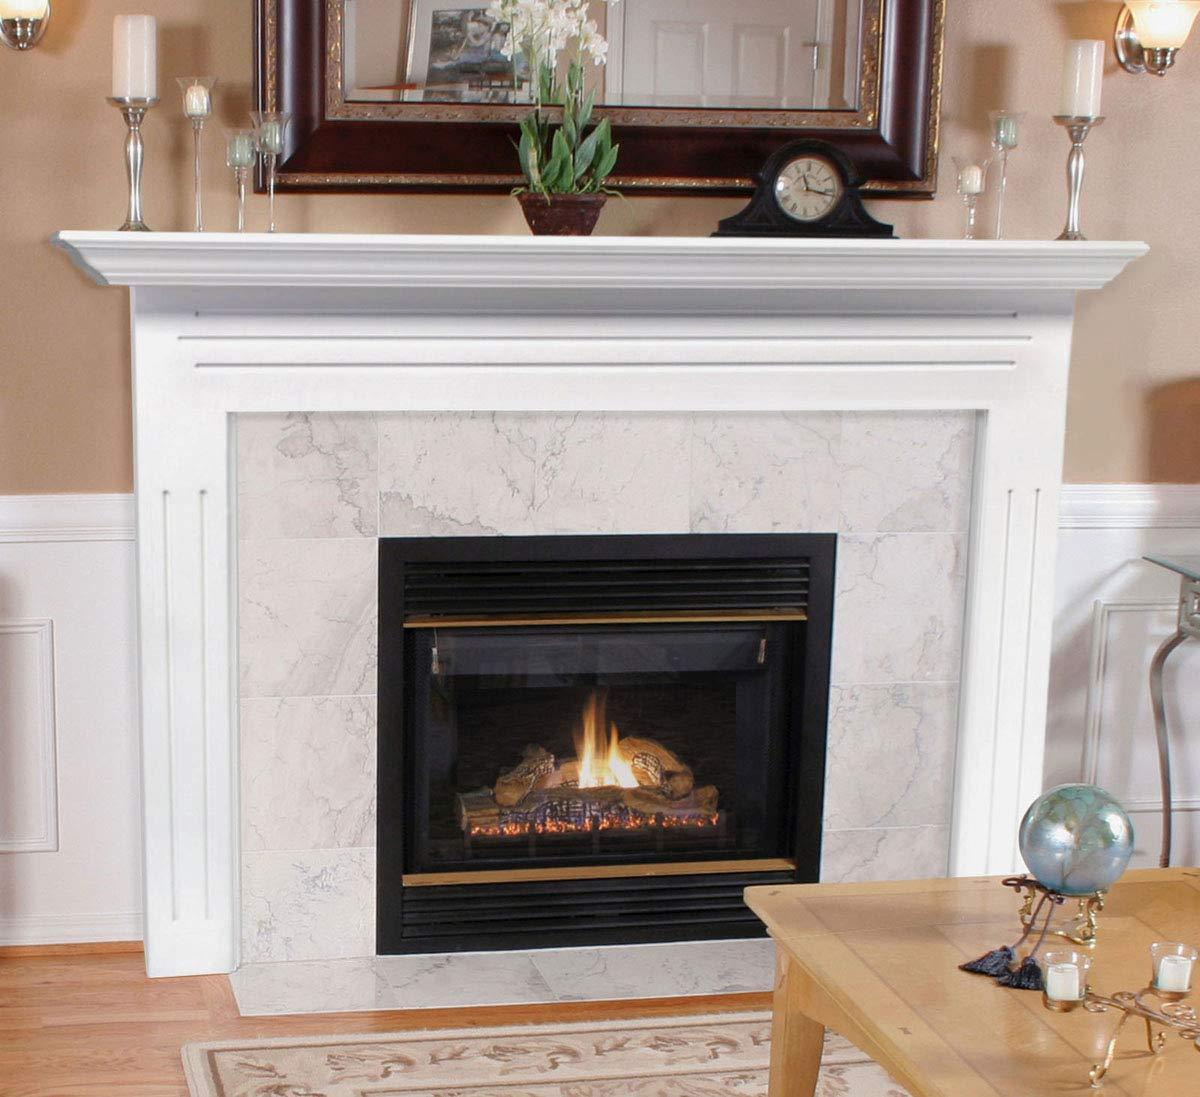 amazon com pearl mantels 510 48 newport 48 inch fireplace mantel rh amazon com ideas fireplace surrounds ideas fireplace surrounds